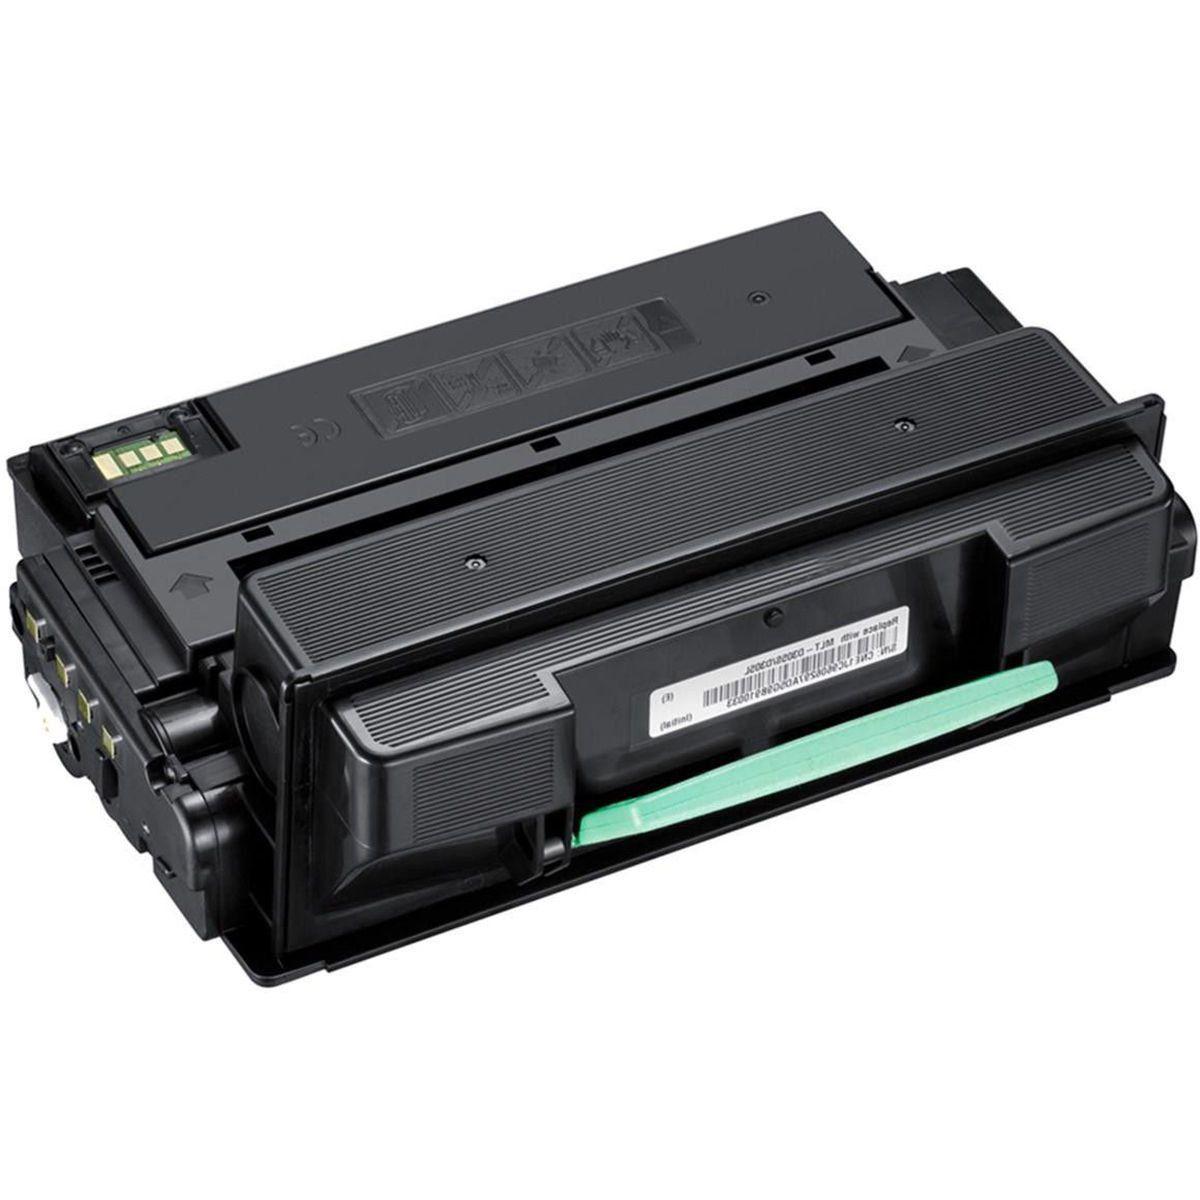 Compatível: Toner MLT-D305L D305 para Samsung ML-3750 ML-3750nd ML-3750n ML3750 ML3750nd ML3750n / Preto / 15.000